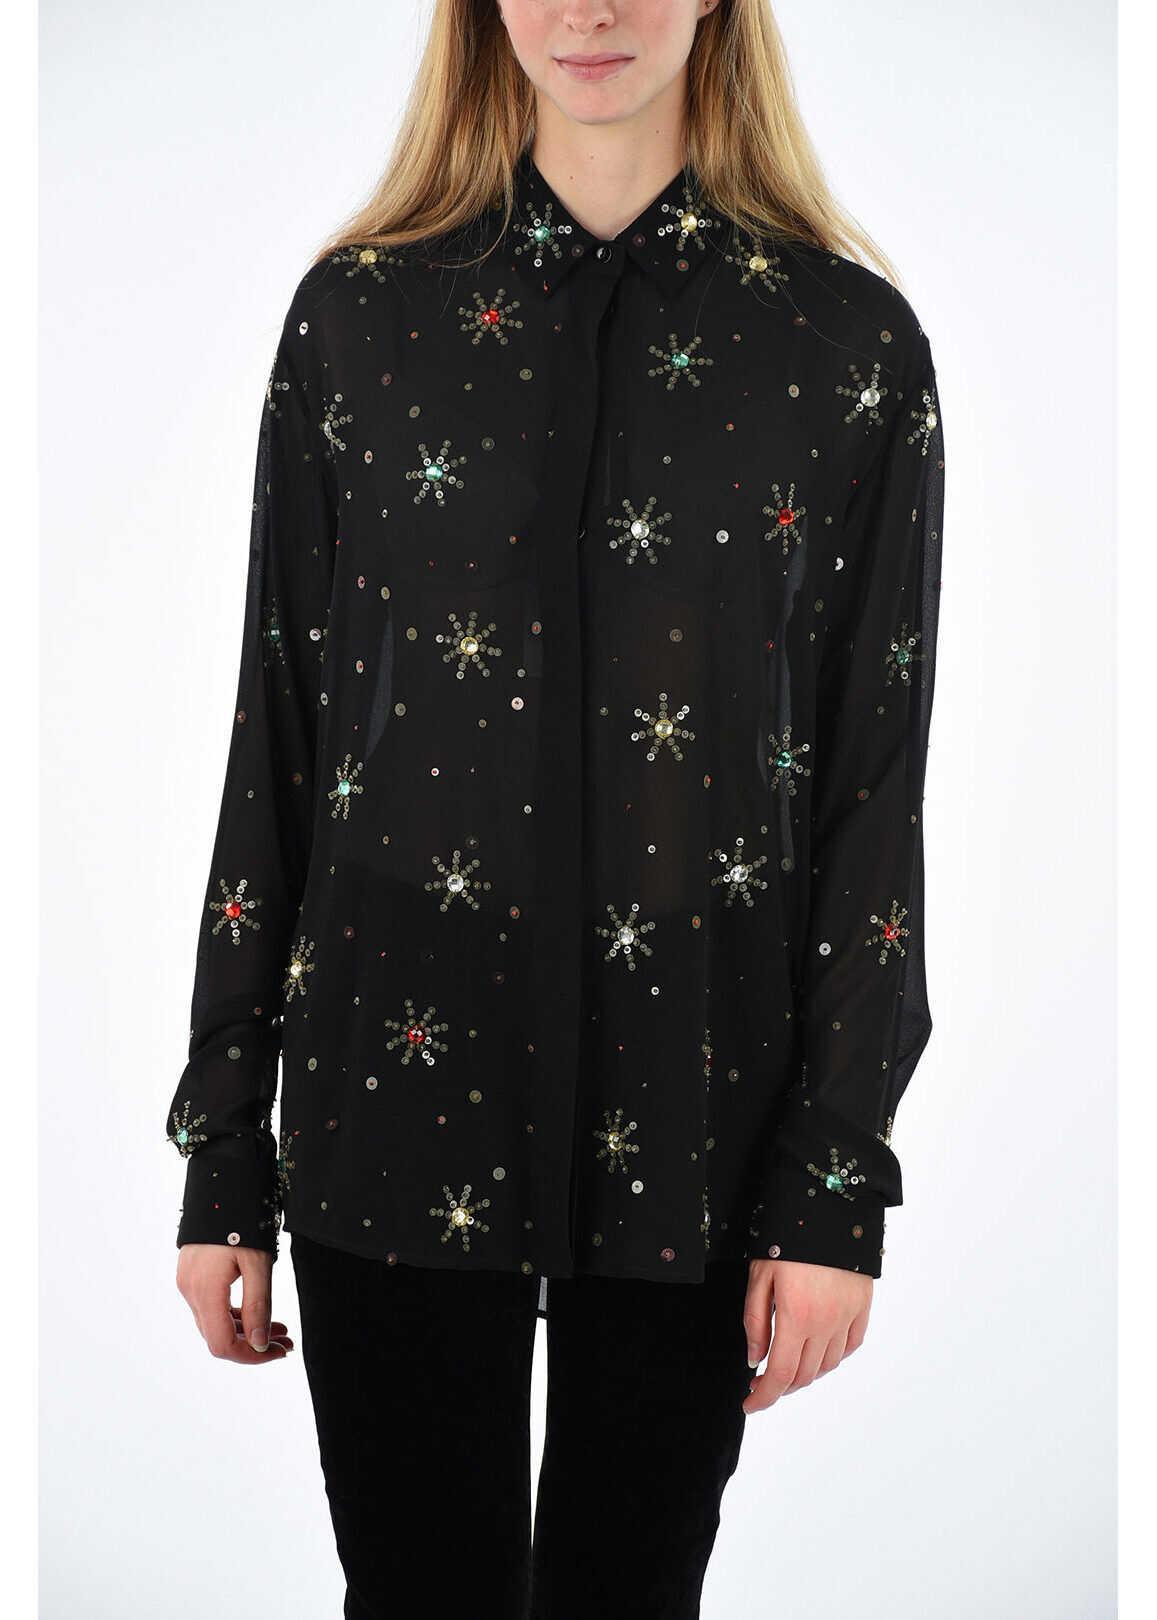 Saint Laurent silk sequined blouse BLACK